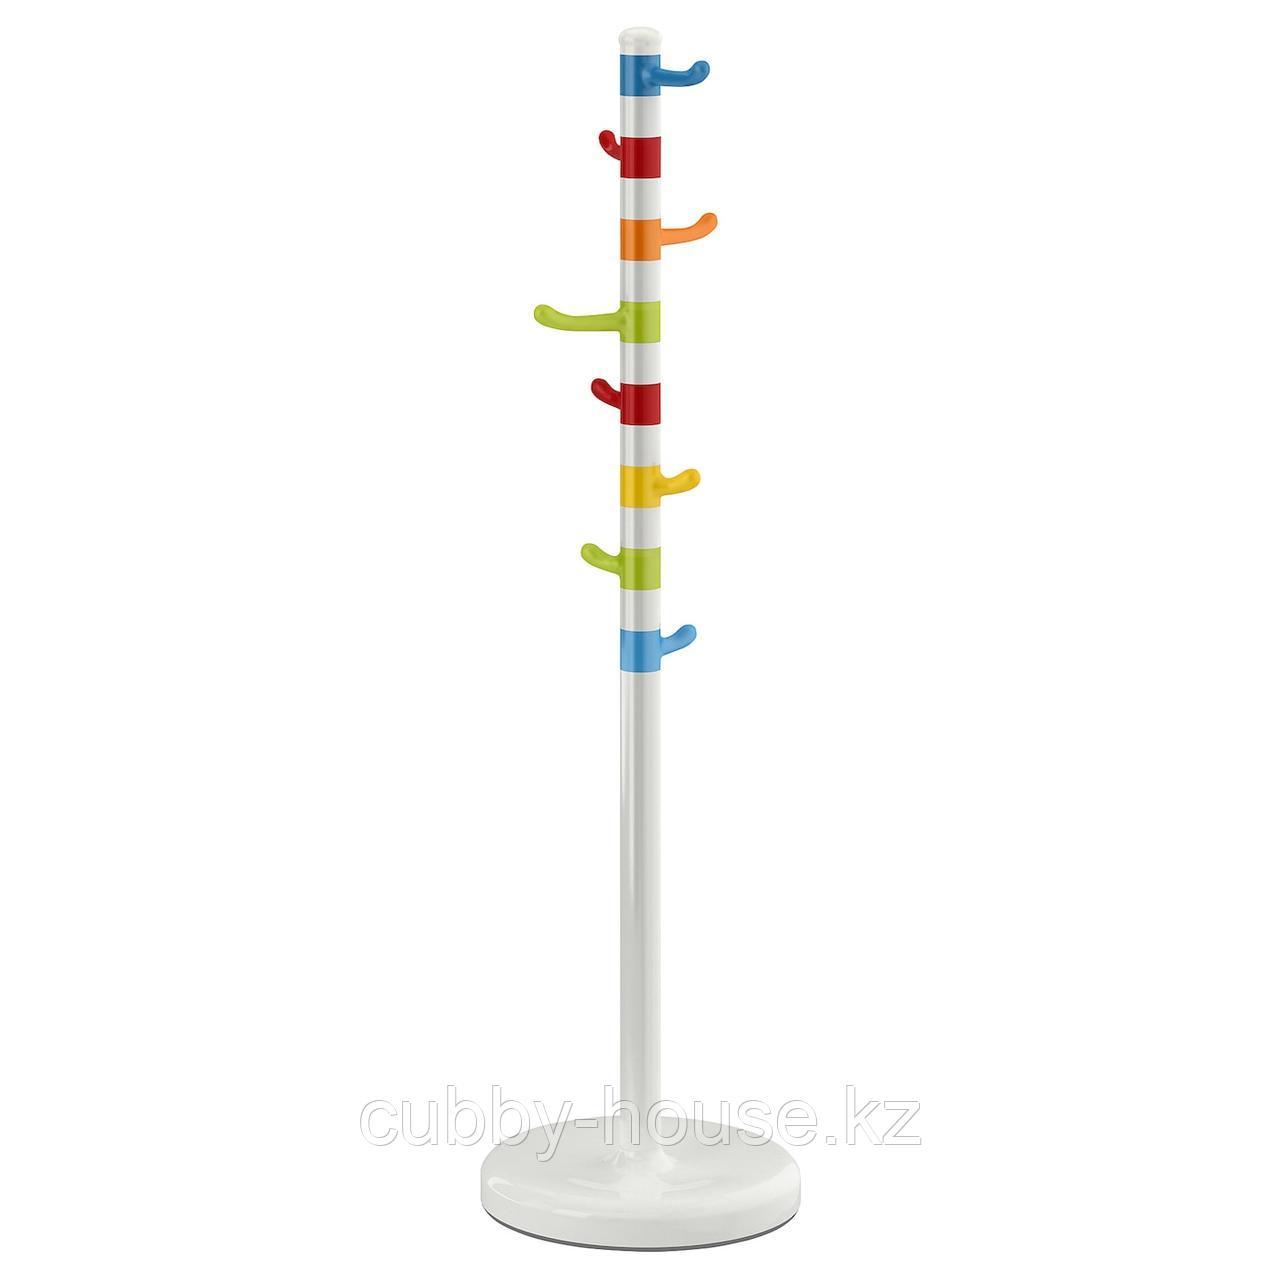 КРОКИГ Вешалка д/одежды, белый, разноцветный, 128 см